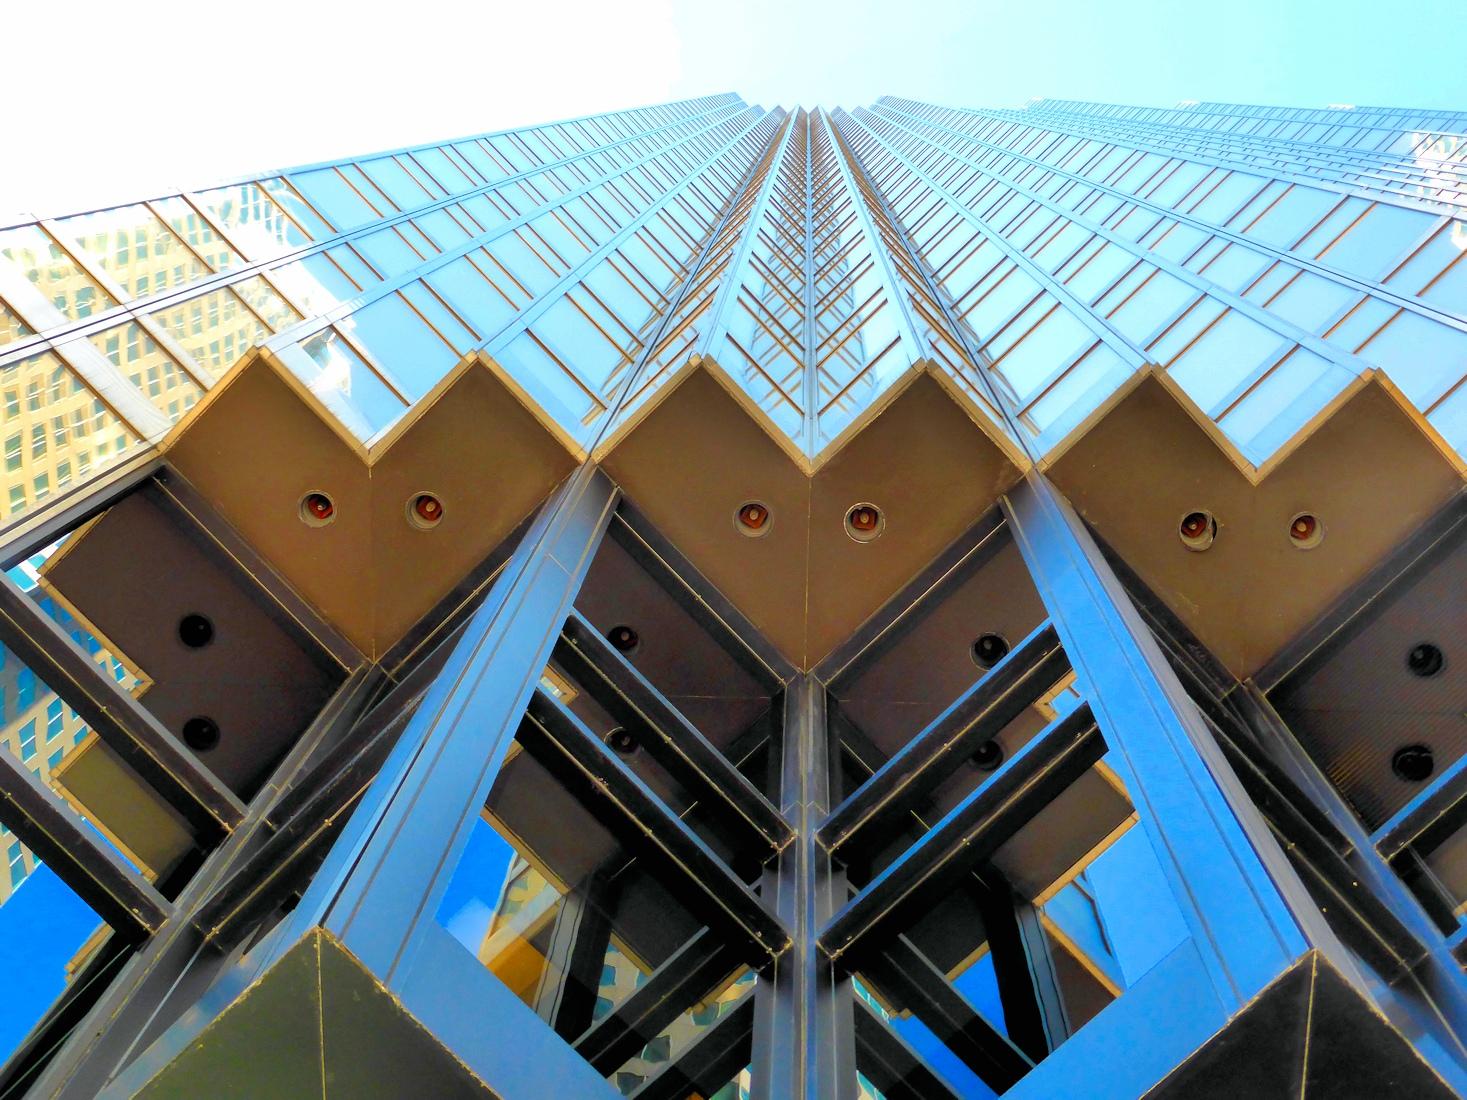 ... Wahrzeichen, Tagsüber, Fassade, Stadtgebiet, Metropolregion, Turmblock,  Tageslicht, Geschäftshaus, Moderne Architektur, Zeitgenössische  Architektur, ...